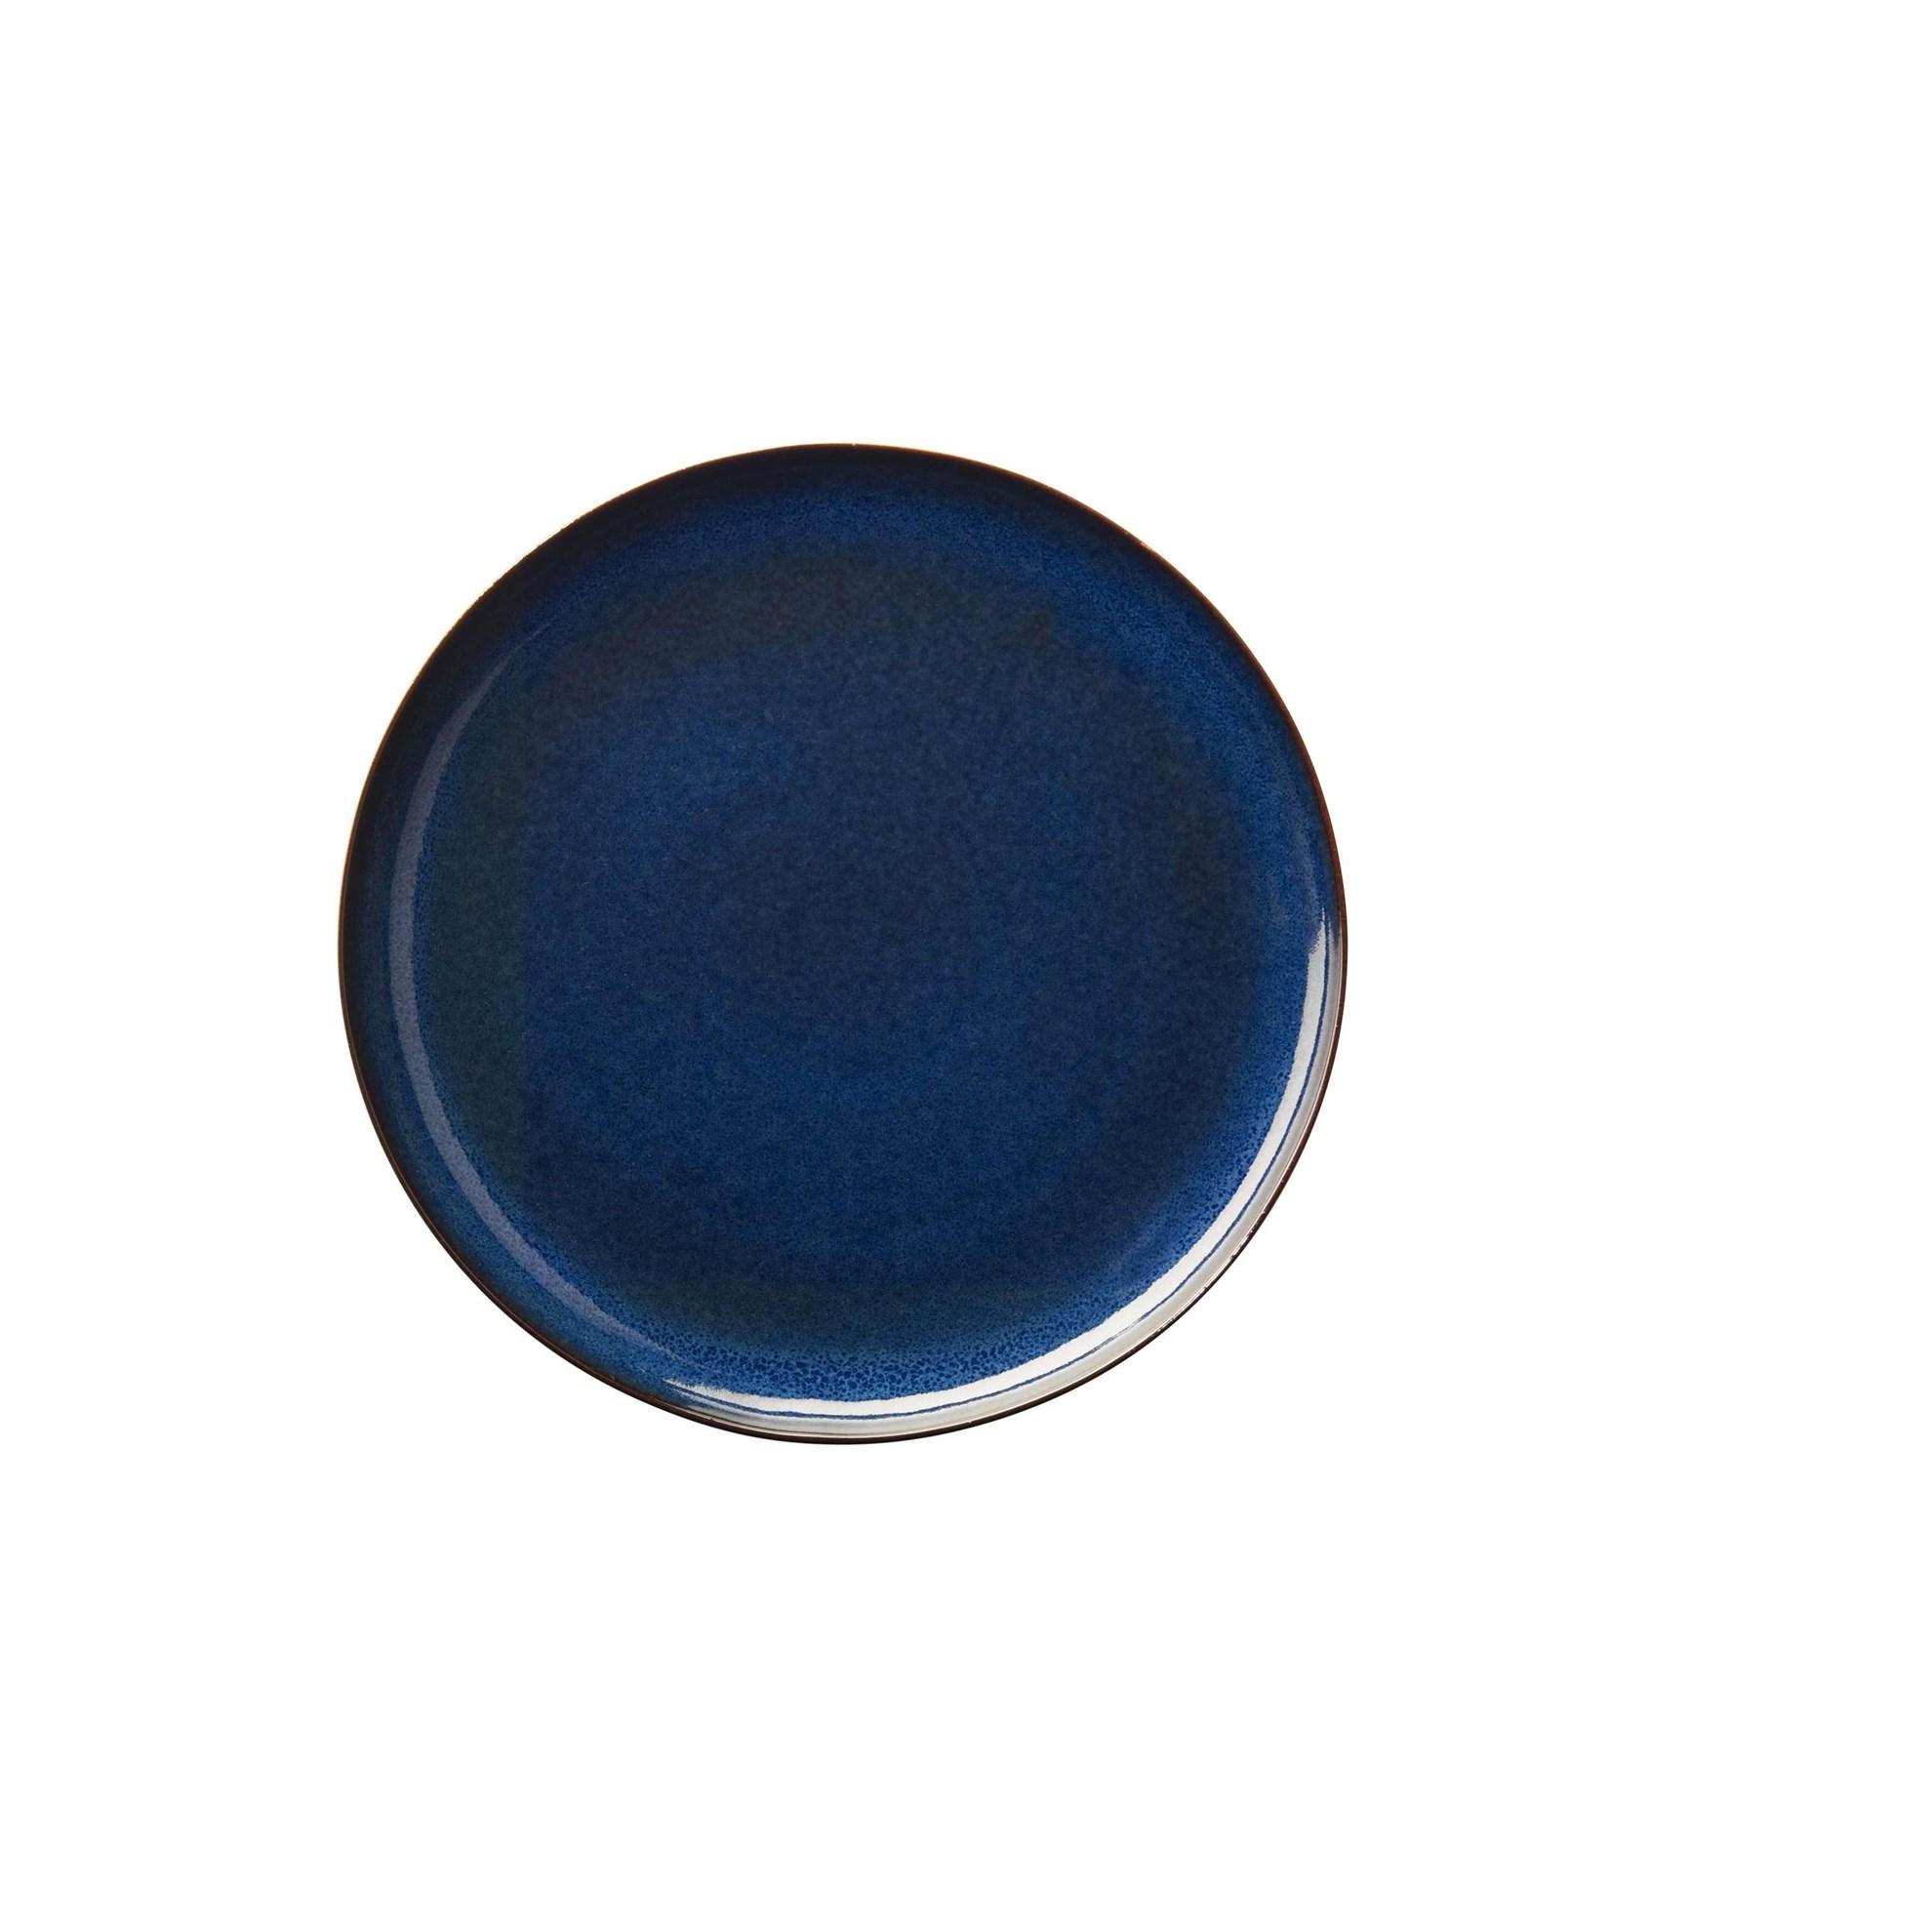 Velký talíř SAISONS 31 cm modrý_0